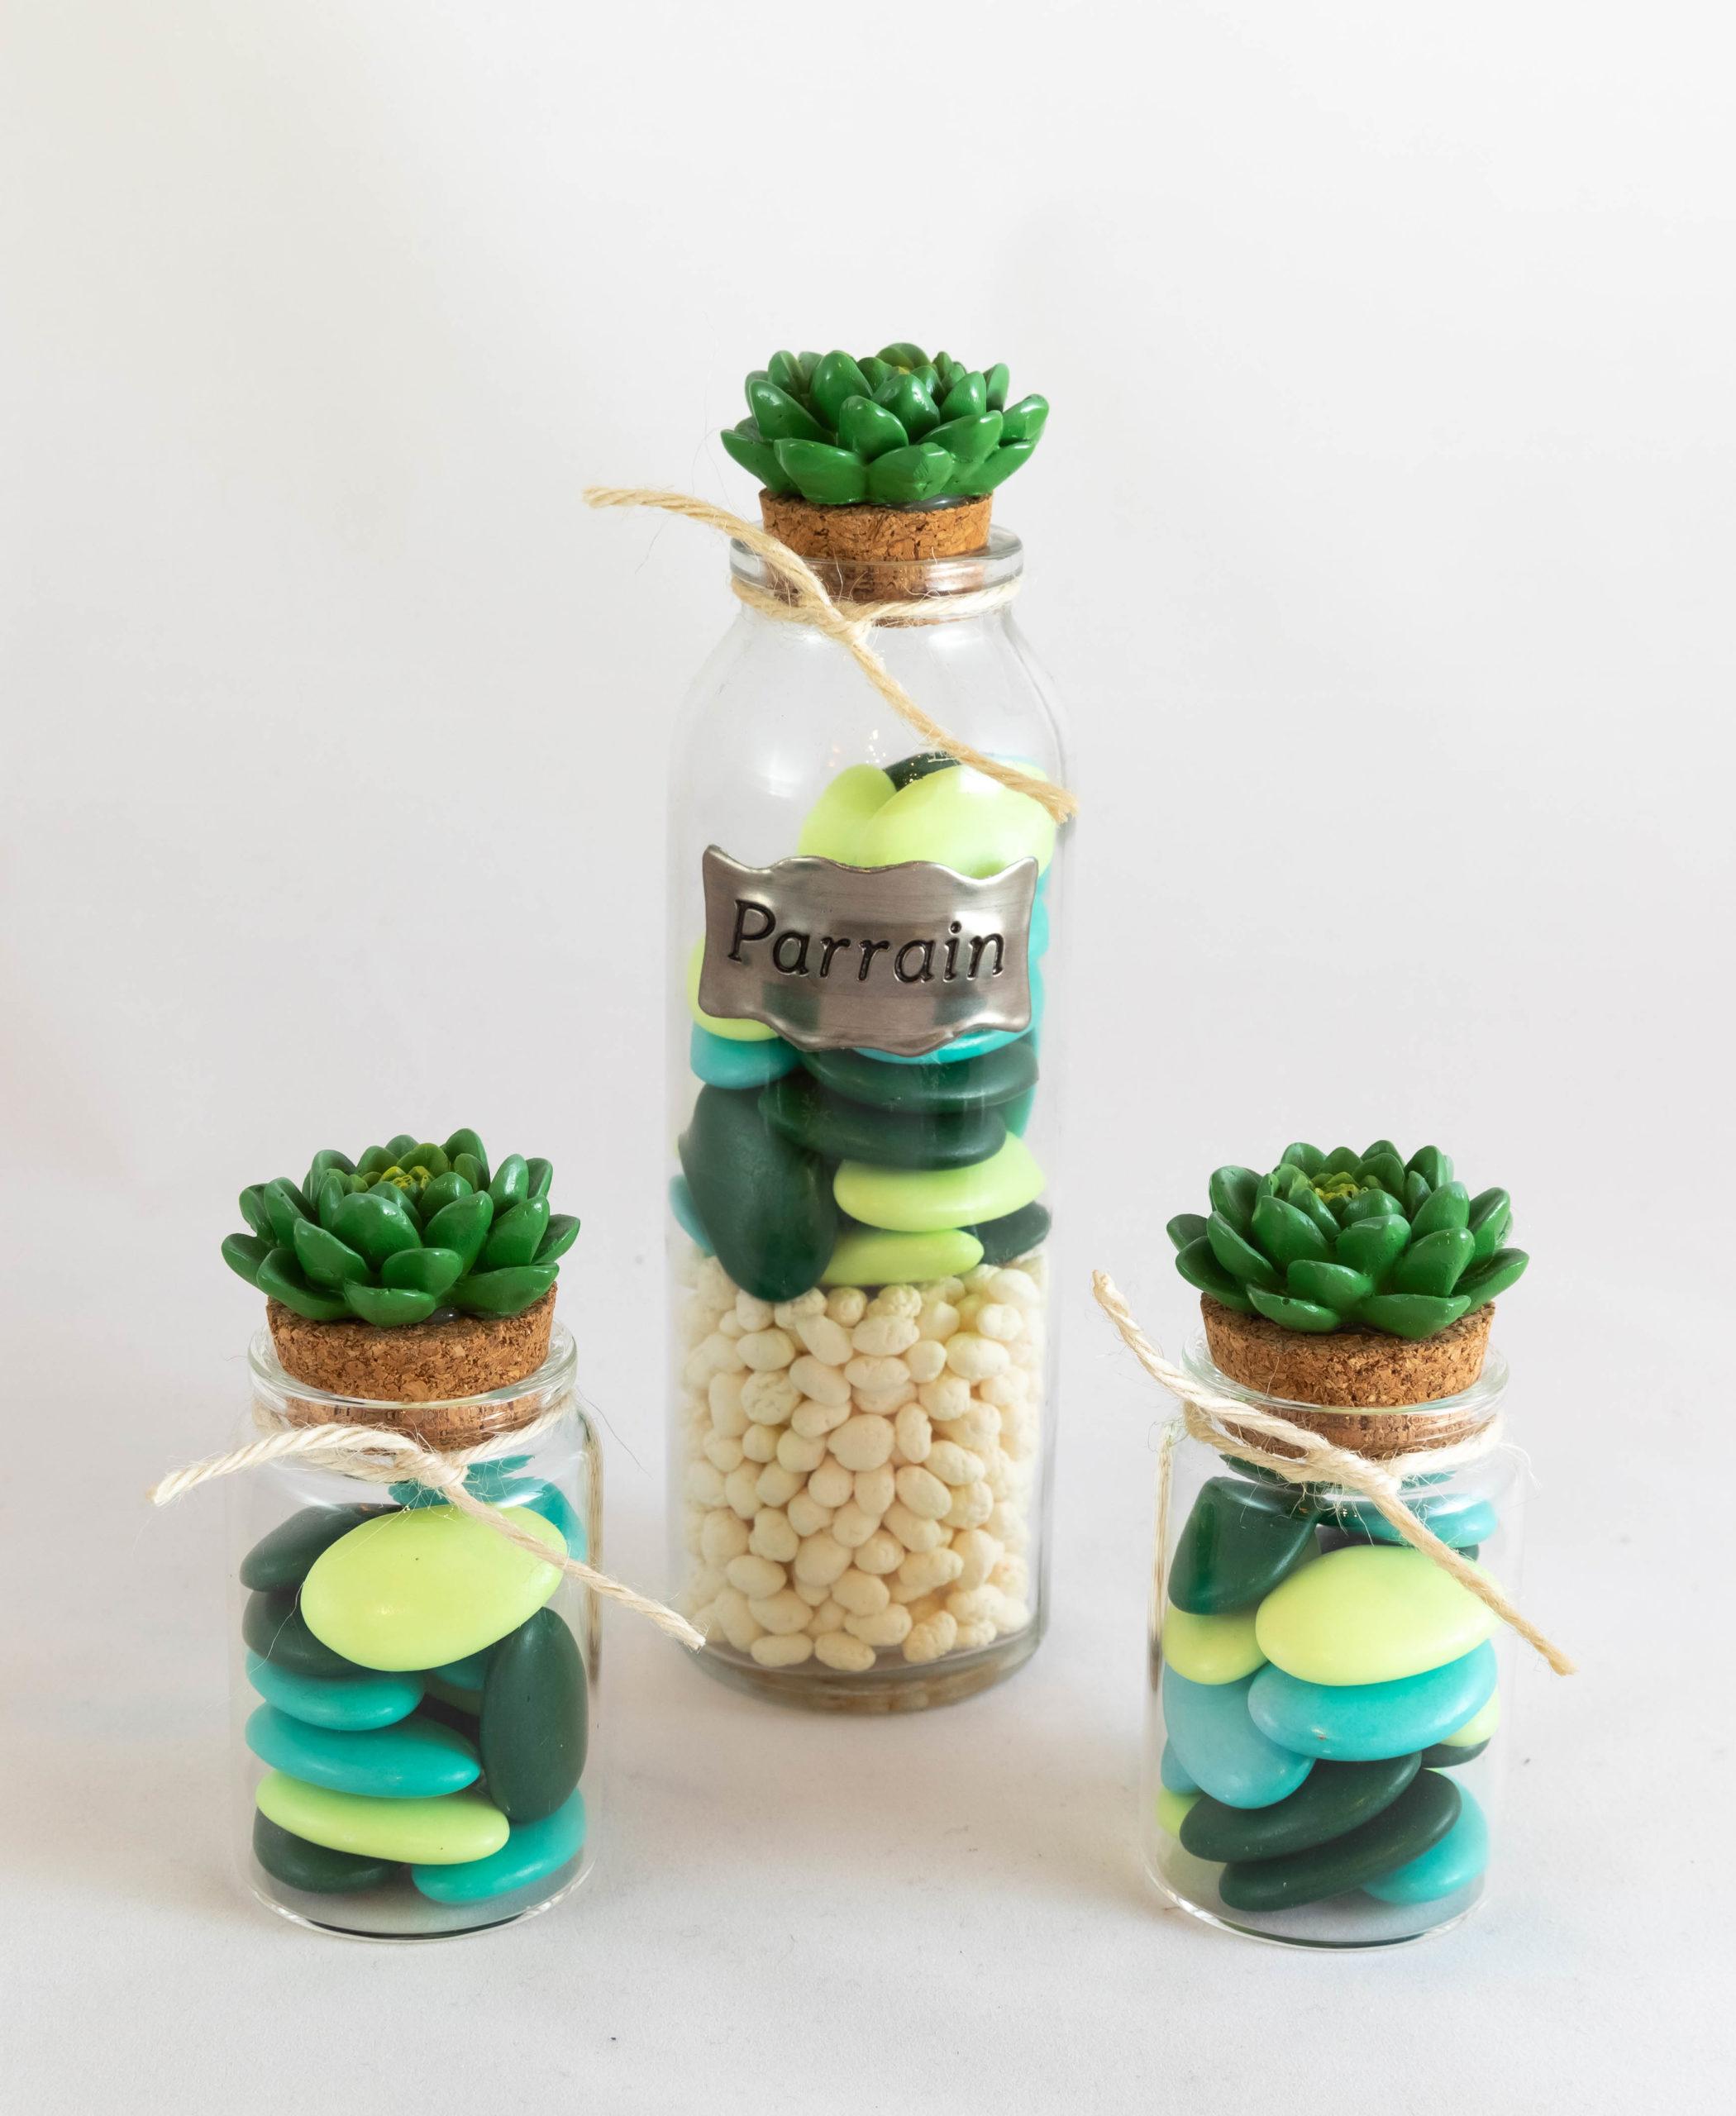 Pot en verre Parrain + Petit pot - Cactus Image